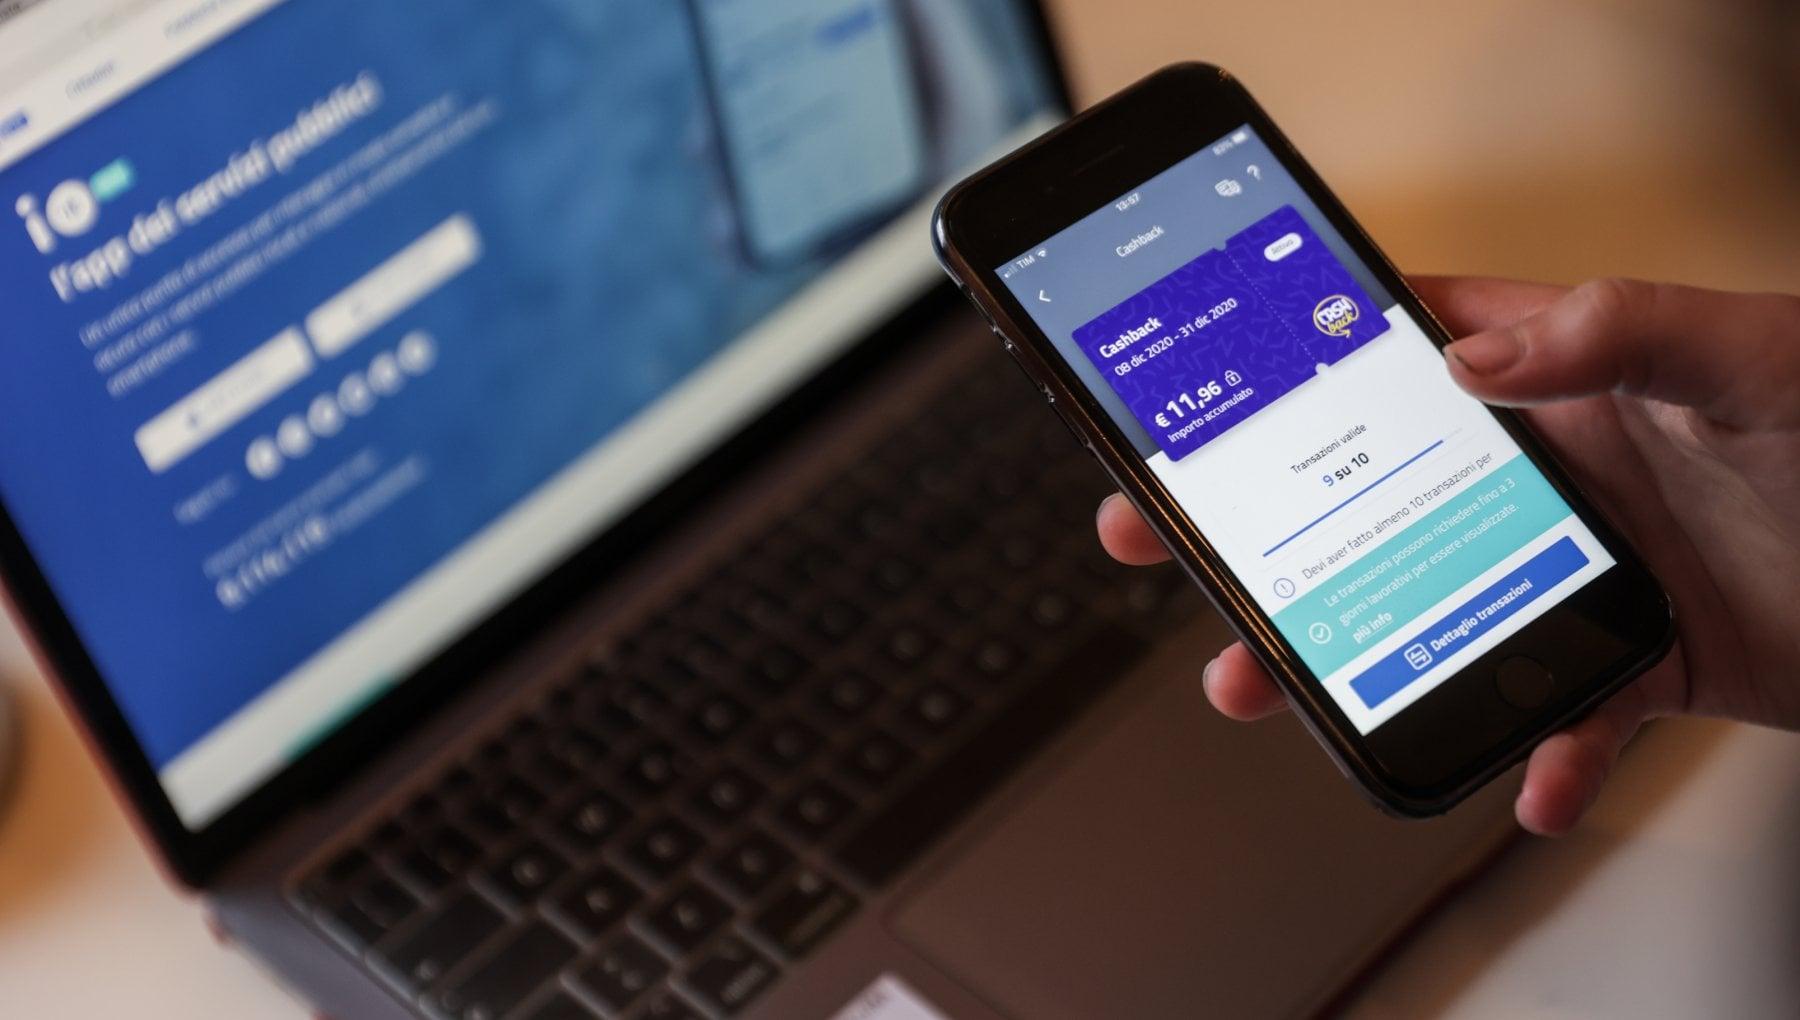 184212702 5e58319a 8357 4b51 8af9 639526063ea0 - Nasce il servizio civile digitale, mille giovani aiuteranno chi non sa usare Spid e servizi online